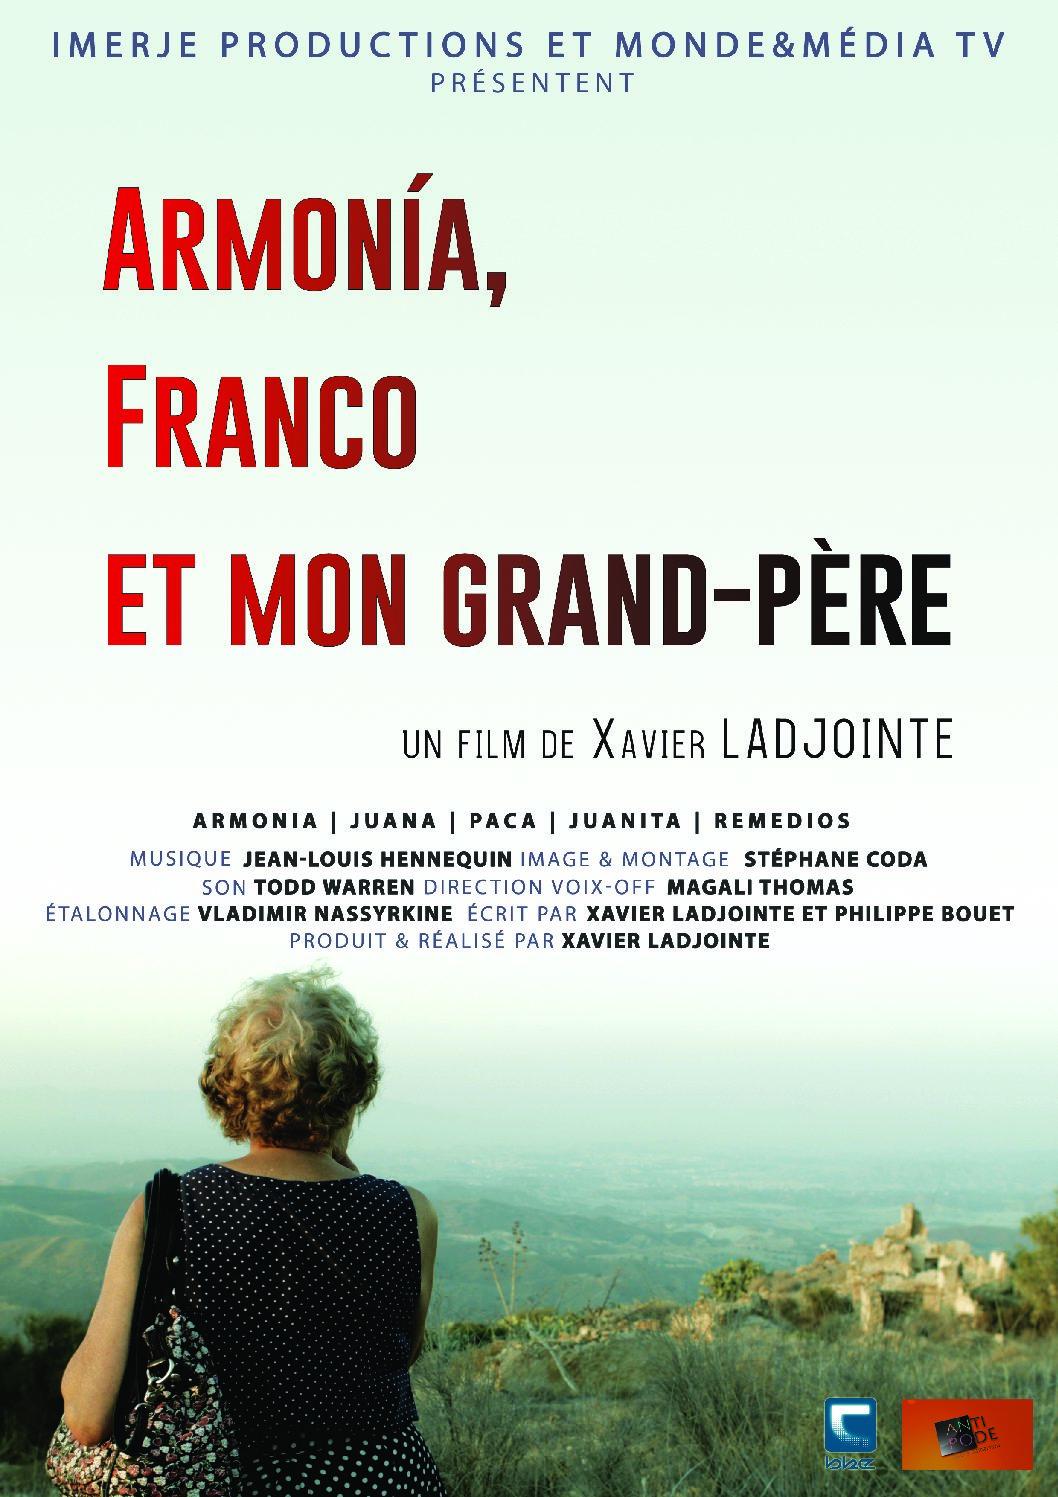 Projection / débat ARMONIA, FRANCO ET MON GRAND-PÈRE en présence du réalisateur Xavier Ladjointe